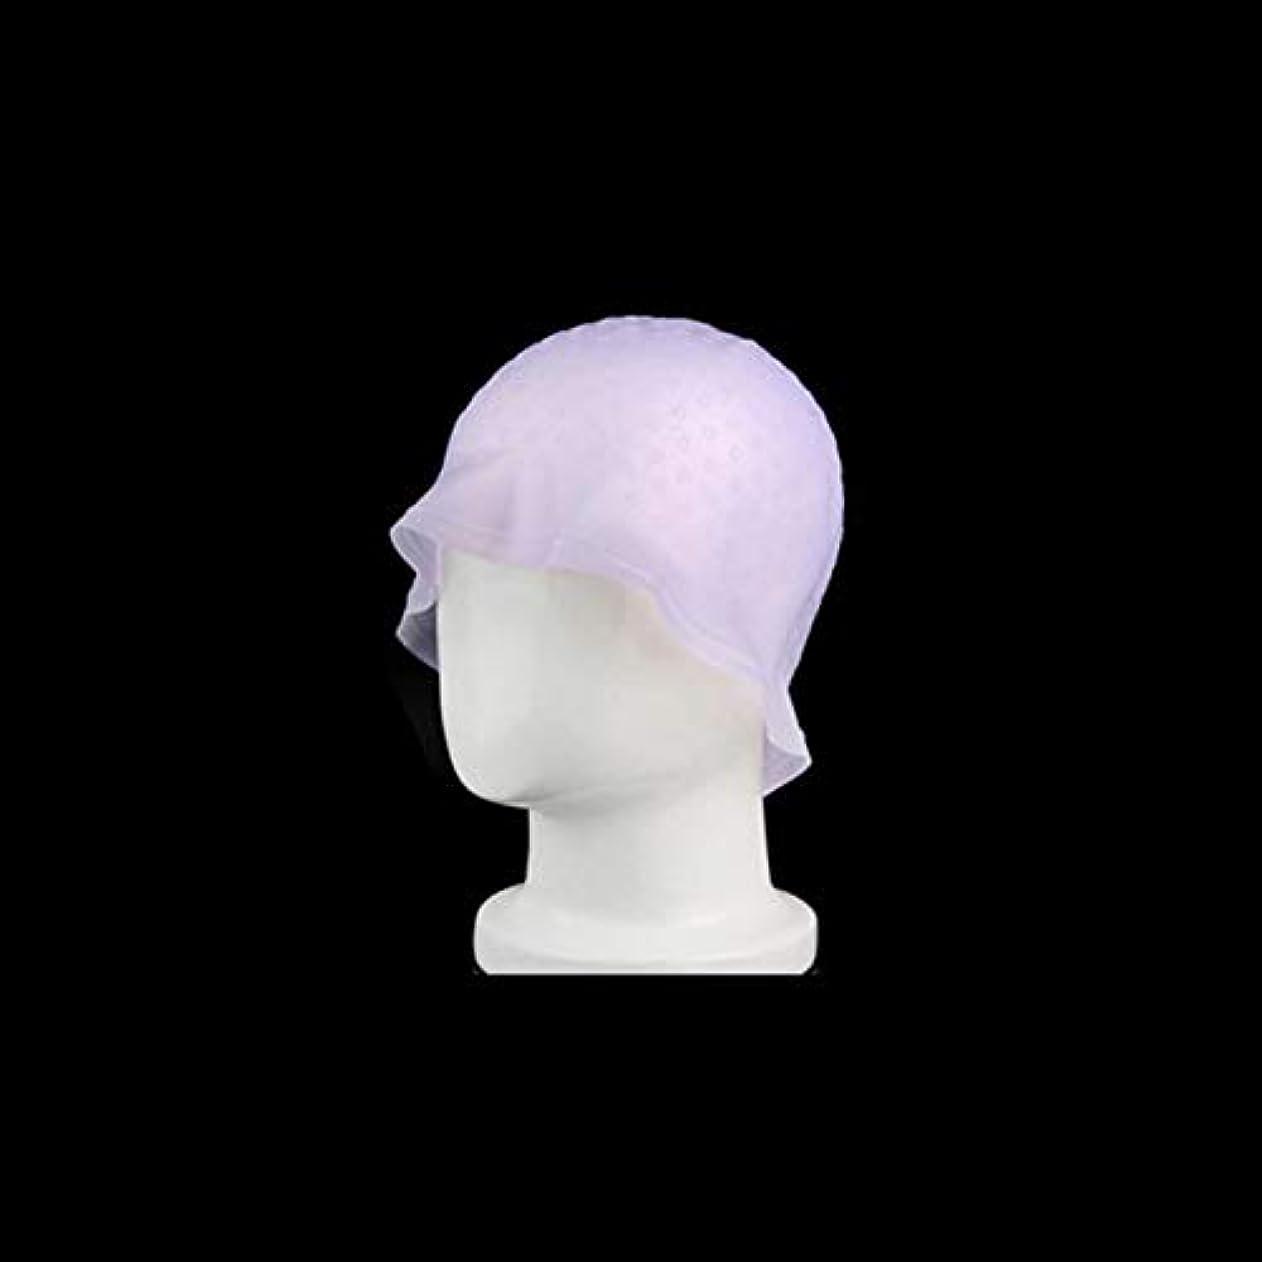 超高層ビル天皇最近DOMO カラーダイキャップ 染毛キャップ エコ サロン ヘア染めツール 再利用可能 染色用 ハイライト 髪染め工具